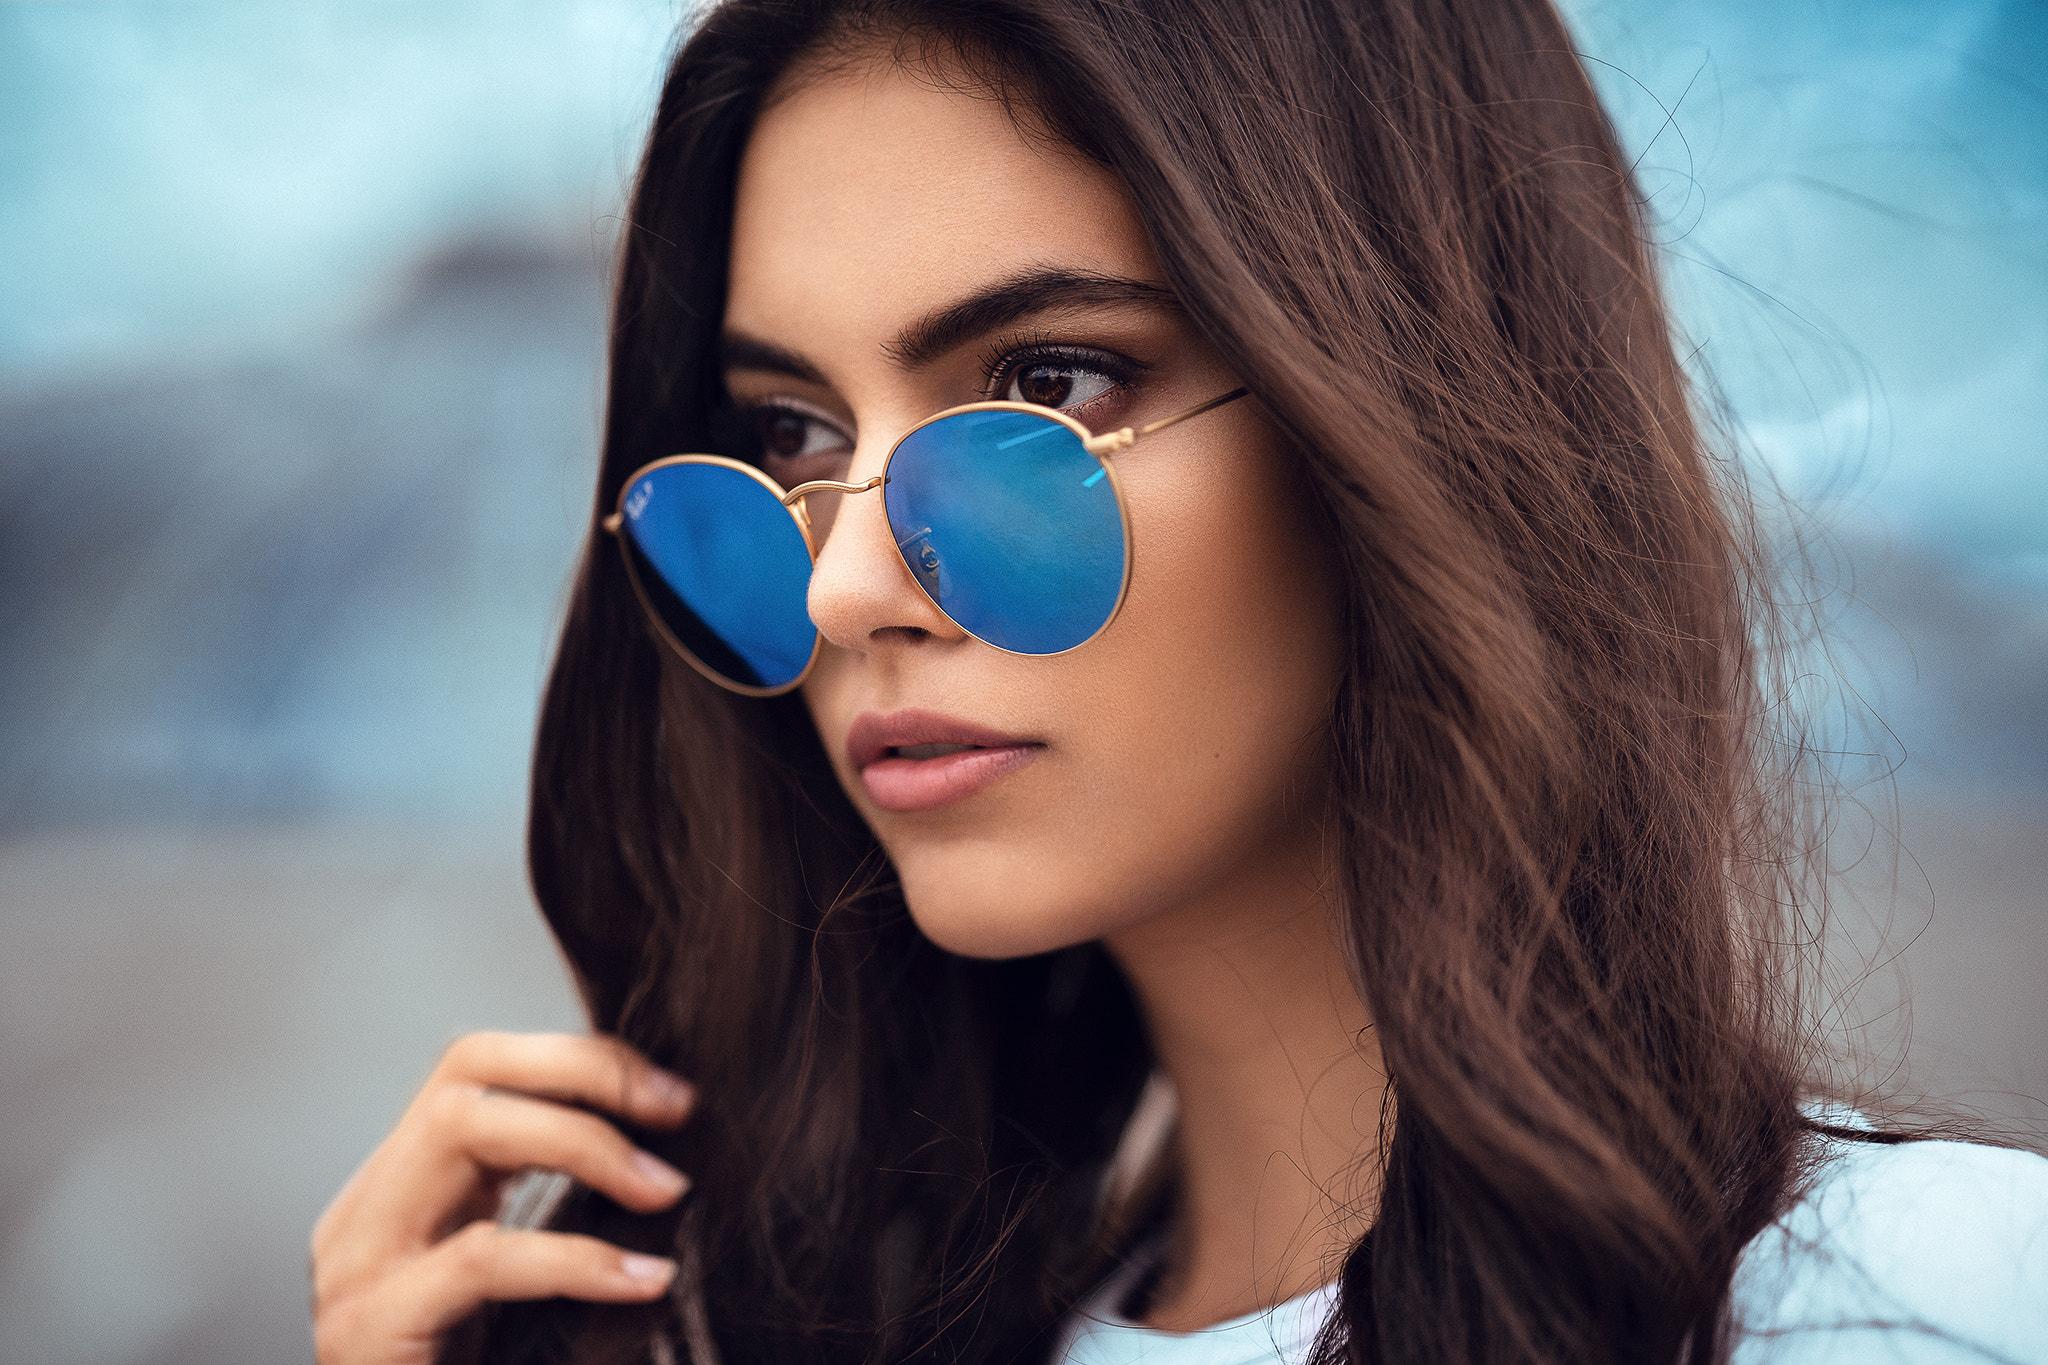 каркаса солнцезащитные очки яркие картинки дополнен